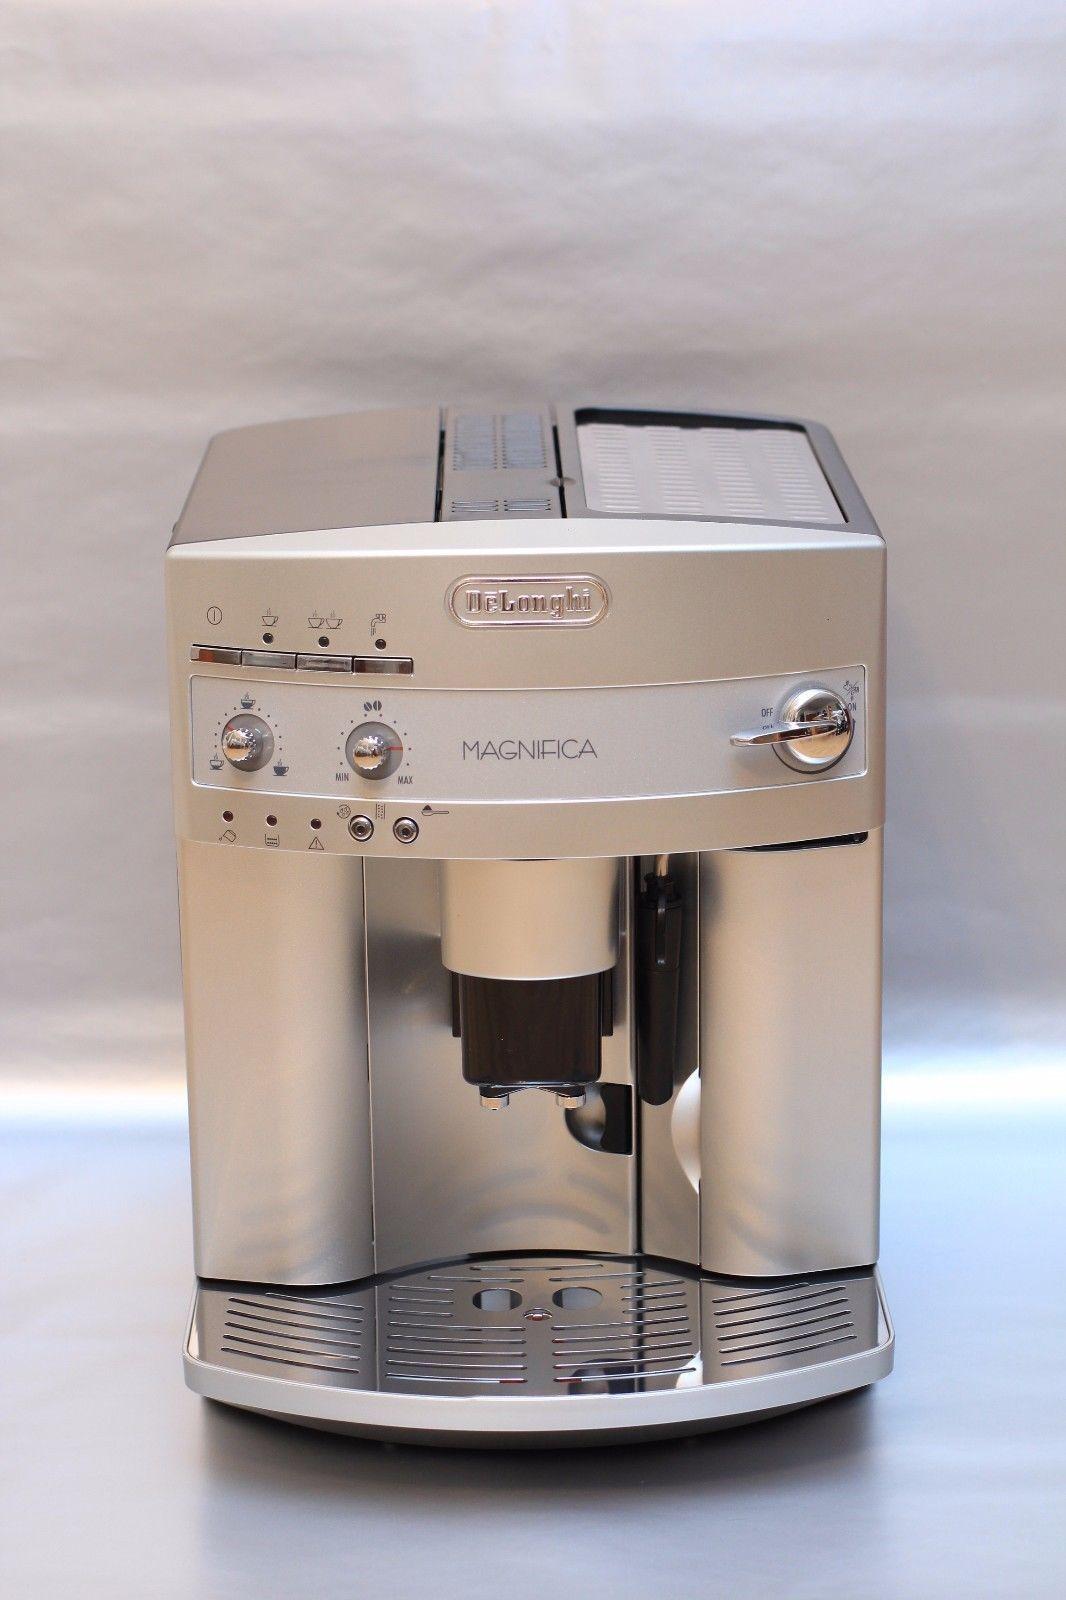 delonghi esam3300 magnifica automatic espresso coffee machine